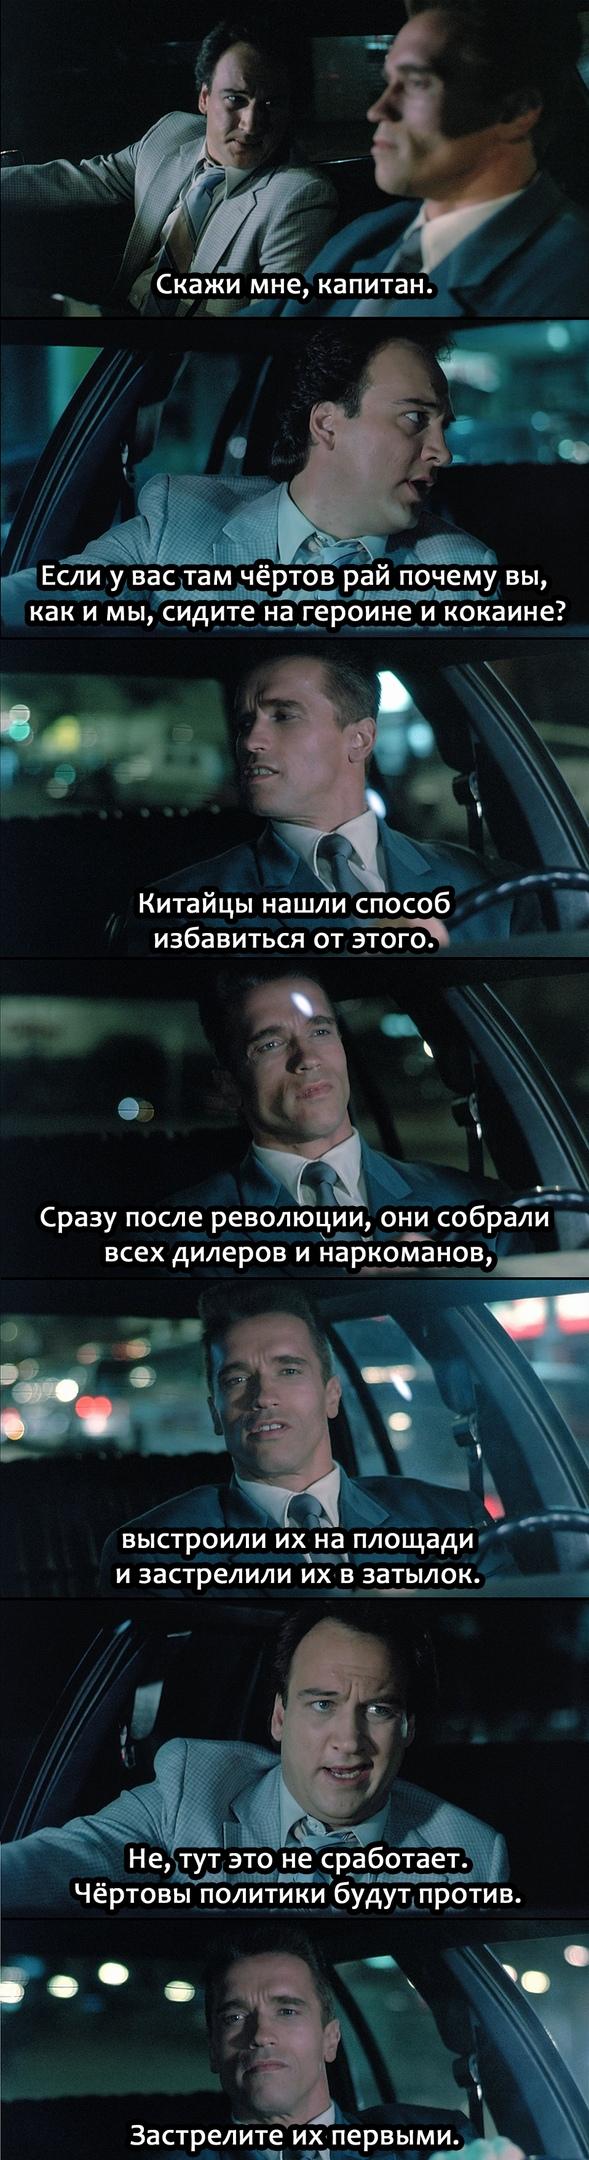 Иван Данко о наркотиках